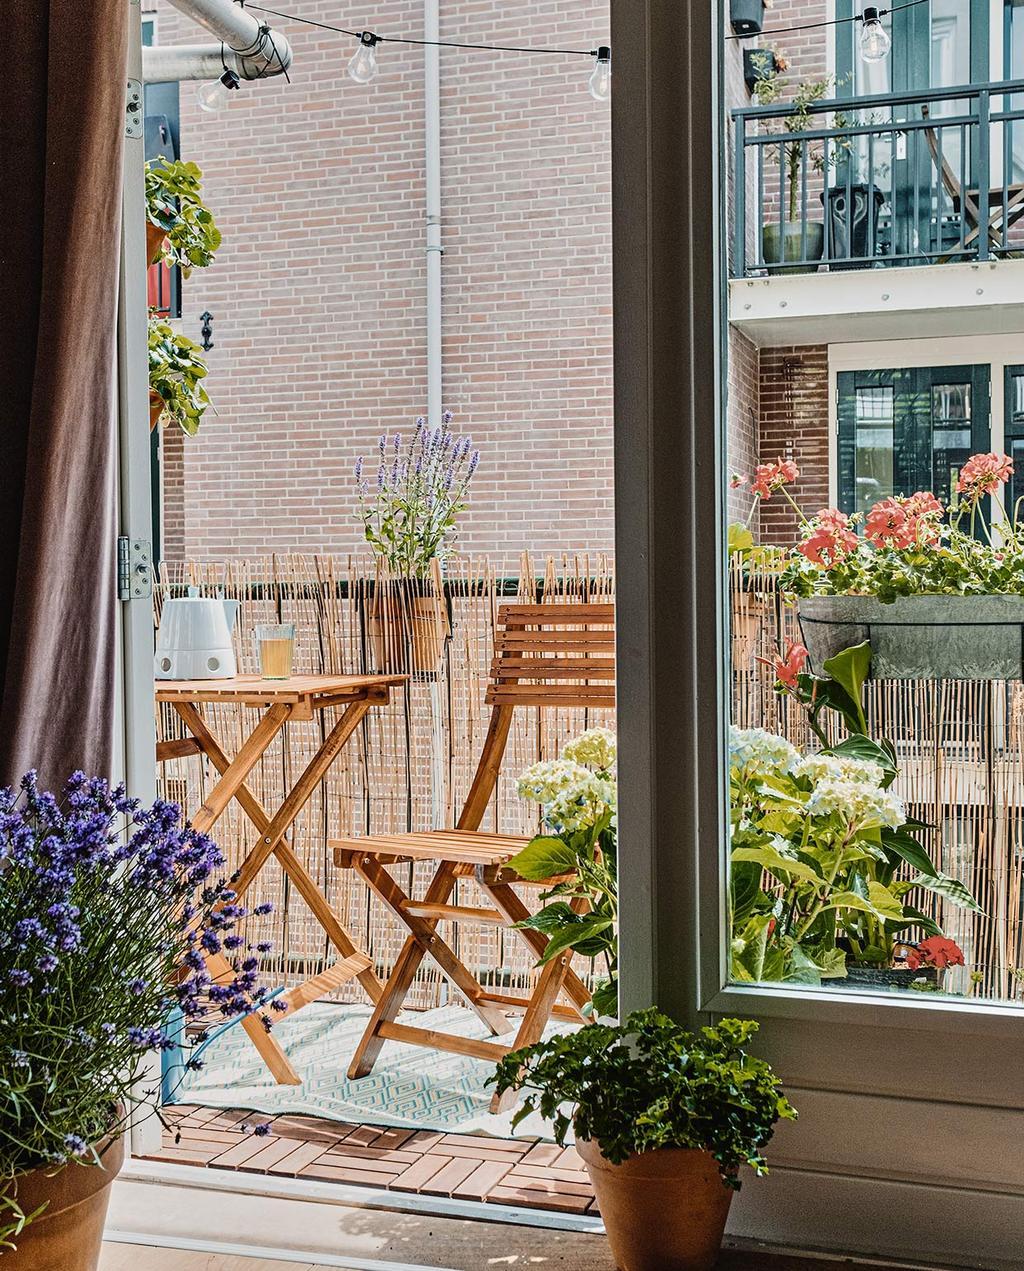 vtwonen 02-2021 | balkon met tuintafel en stoel en veel planten